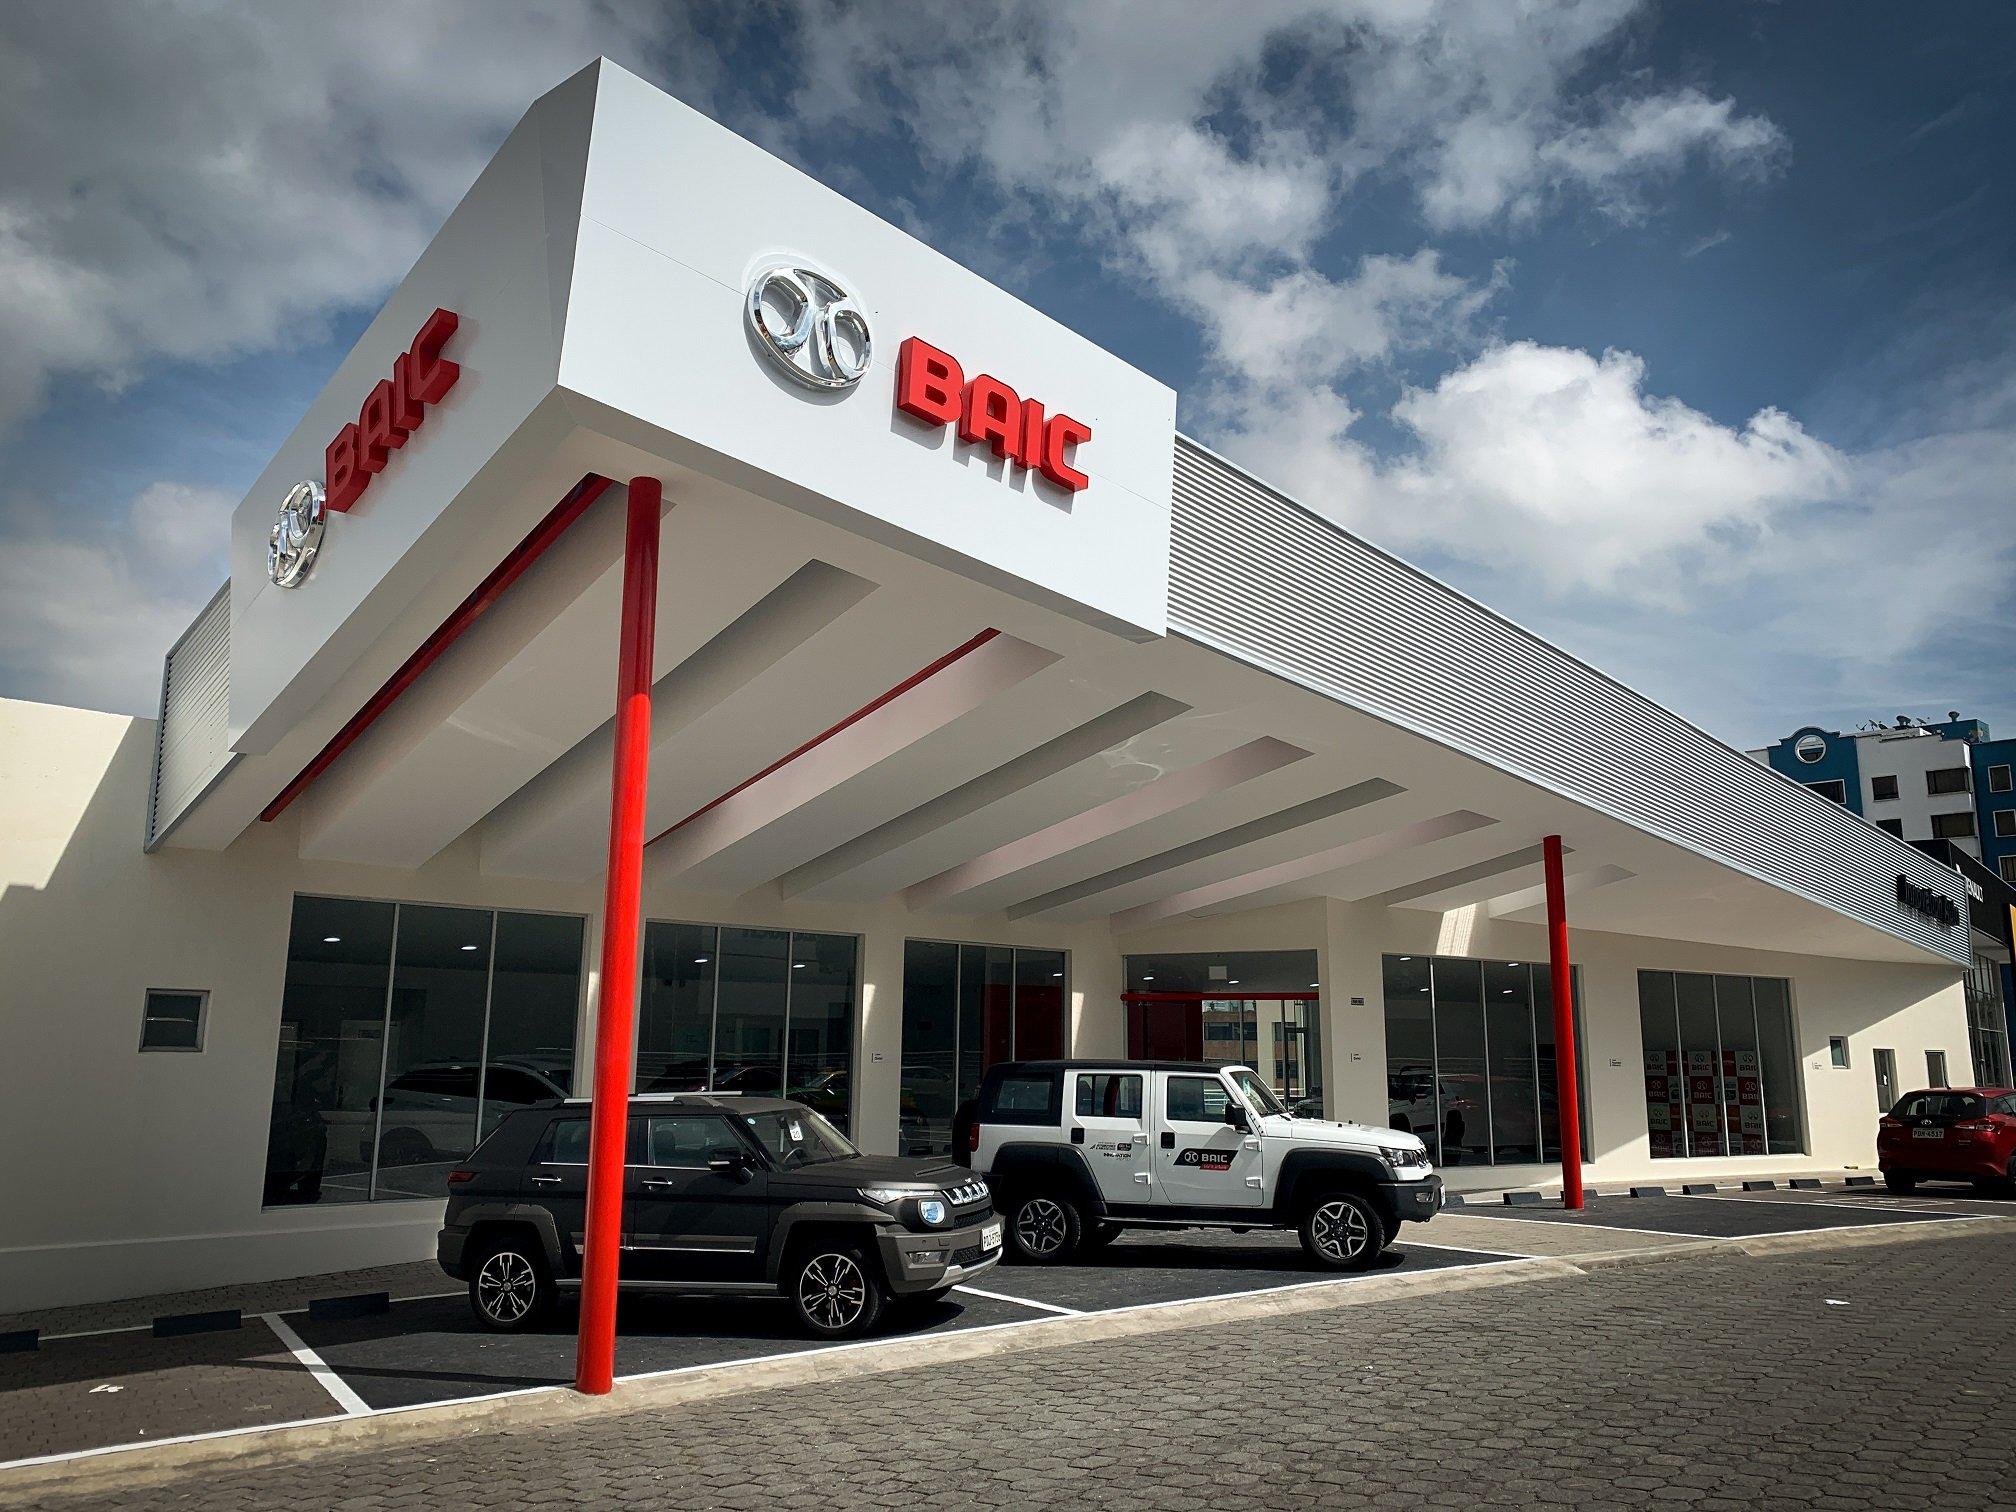 Concesionario-Vehiculos-BAIC-Eloy-Alfaro-A3-Arquitectos-Quito-Ecuador-1